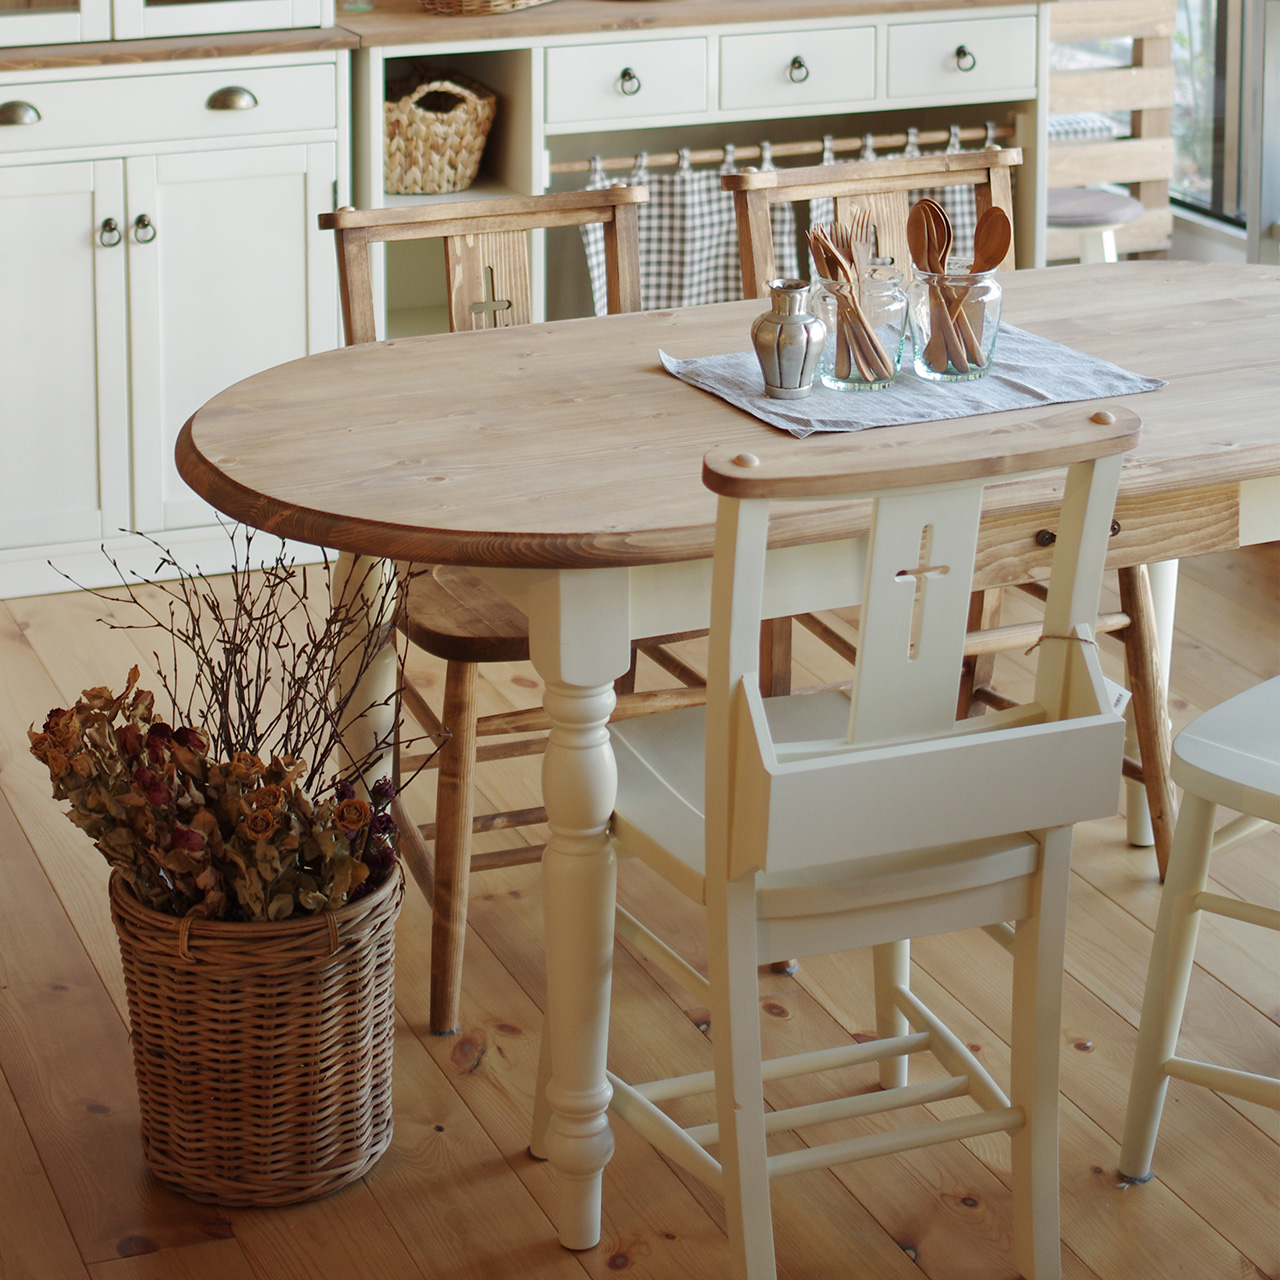 【無料モニター】あなたのお好みはどれ?『関家具』の4ブランドの家具を素敵に使ってくれる方、大募集!